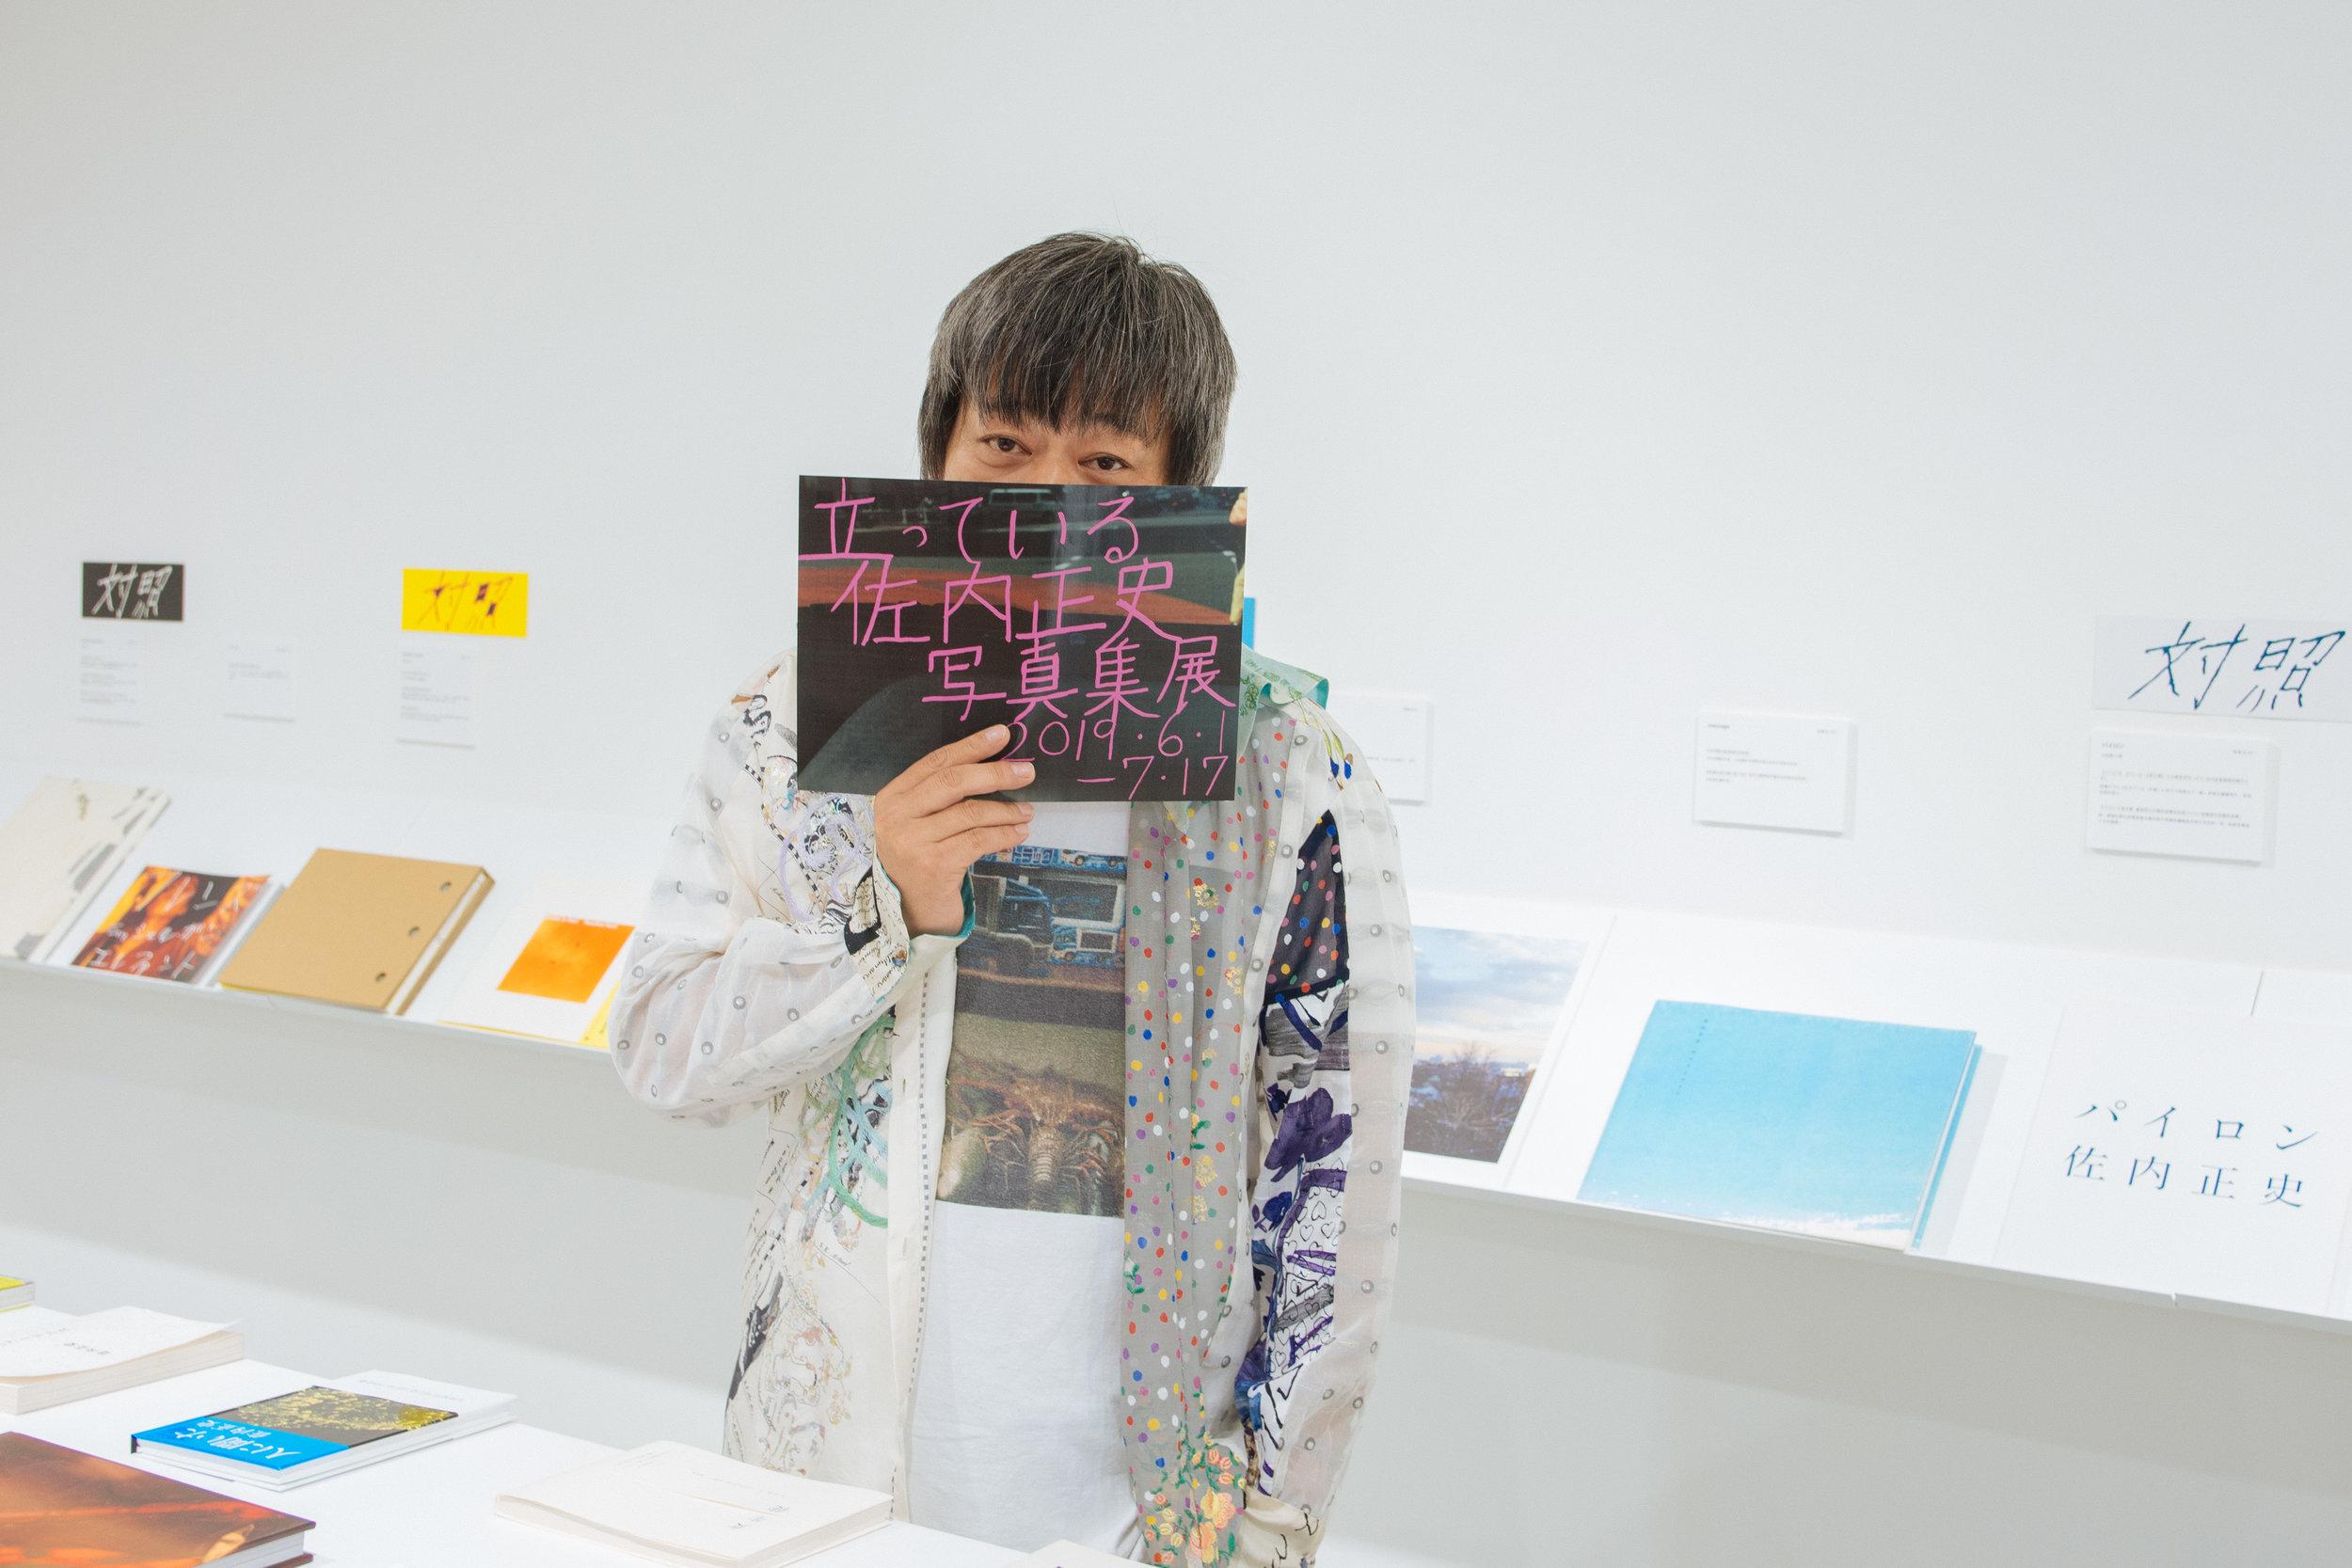 臺北mood bookshop於今年六月份舉辦了「站著 / 立っている 佐内正史写真集展」,不只個人獨立發行,就連早期個人的作品也一併展出。